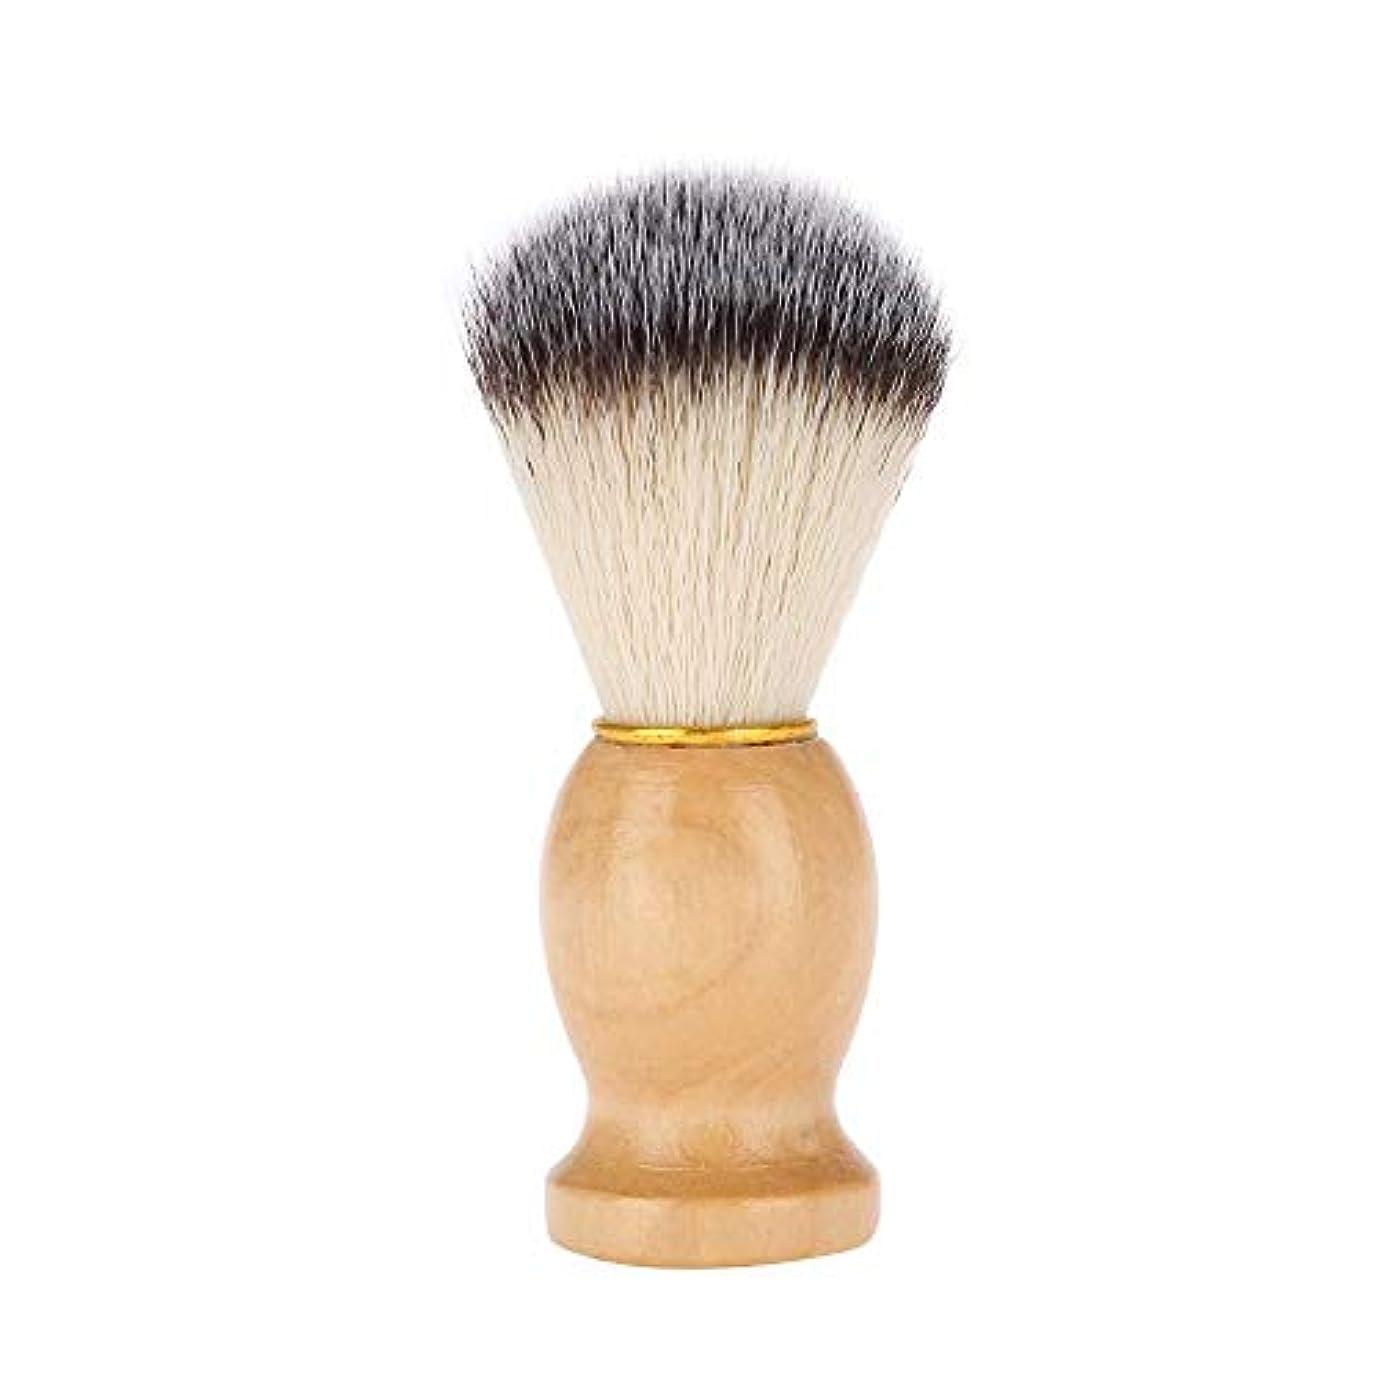 効能全滅させる夕食を作るシェービングブラシ、髭清掃美容カバー  理髪ブラシ メンズグルーミングツー ル ひげ剃りブラシ メイクアップバーバーサロン 家庭用 旅行用 男性 贈り物